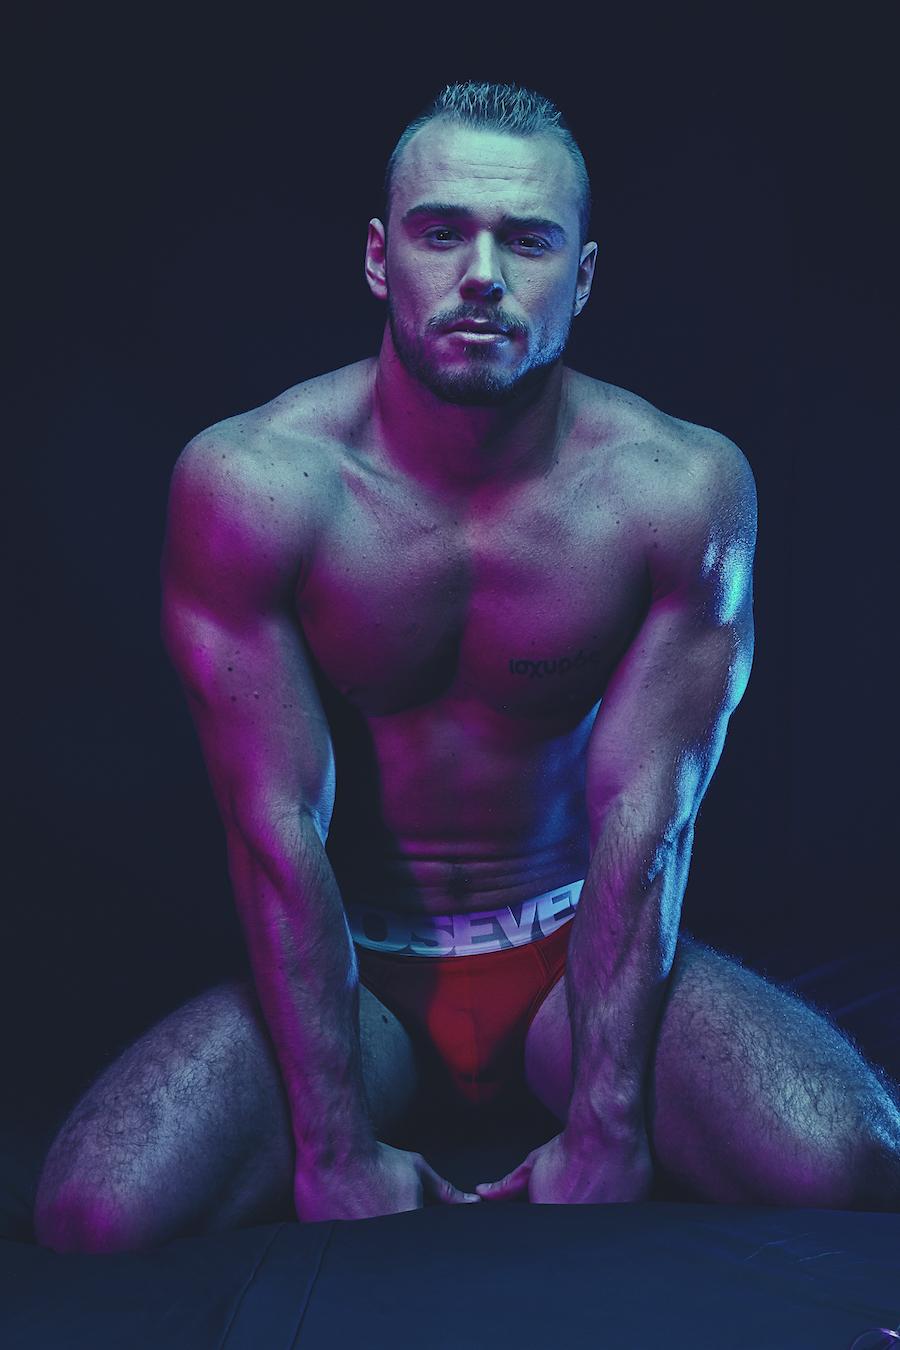 rocco steele underwear 2